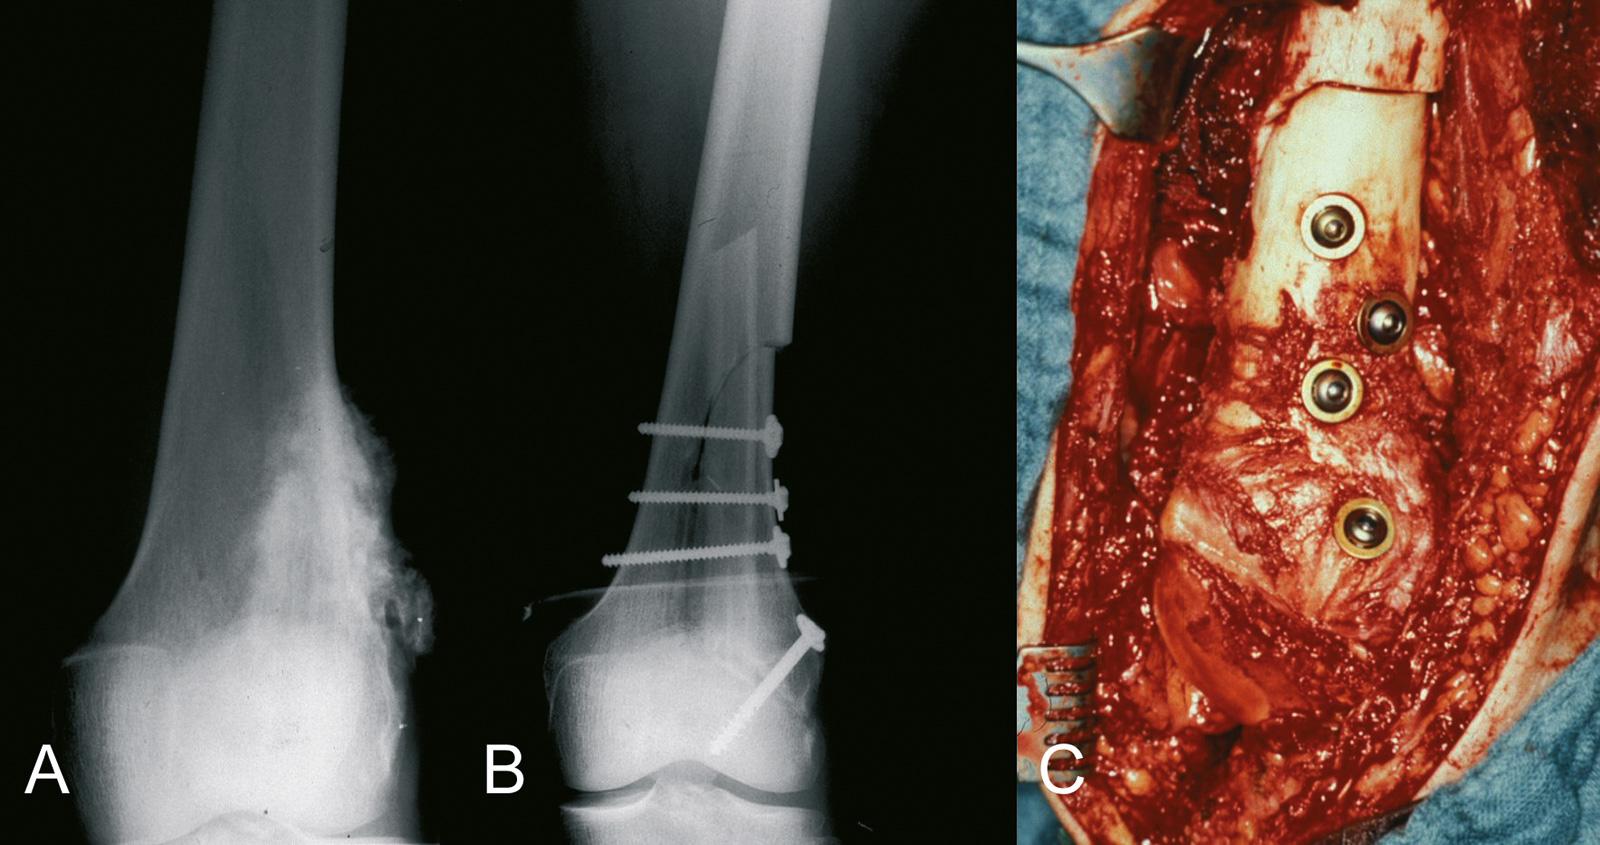 Abb. 8-15: Parossales Osteosarkom des distalen Femurs (A), nach der Tumorresektion erfolgte die Defektrekonstruktion mit einer Allografthalbschale und einer autologen Fibula (B-C)